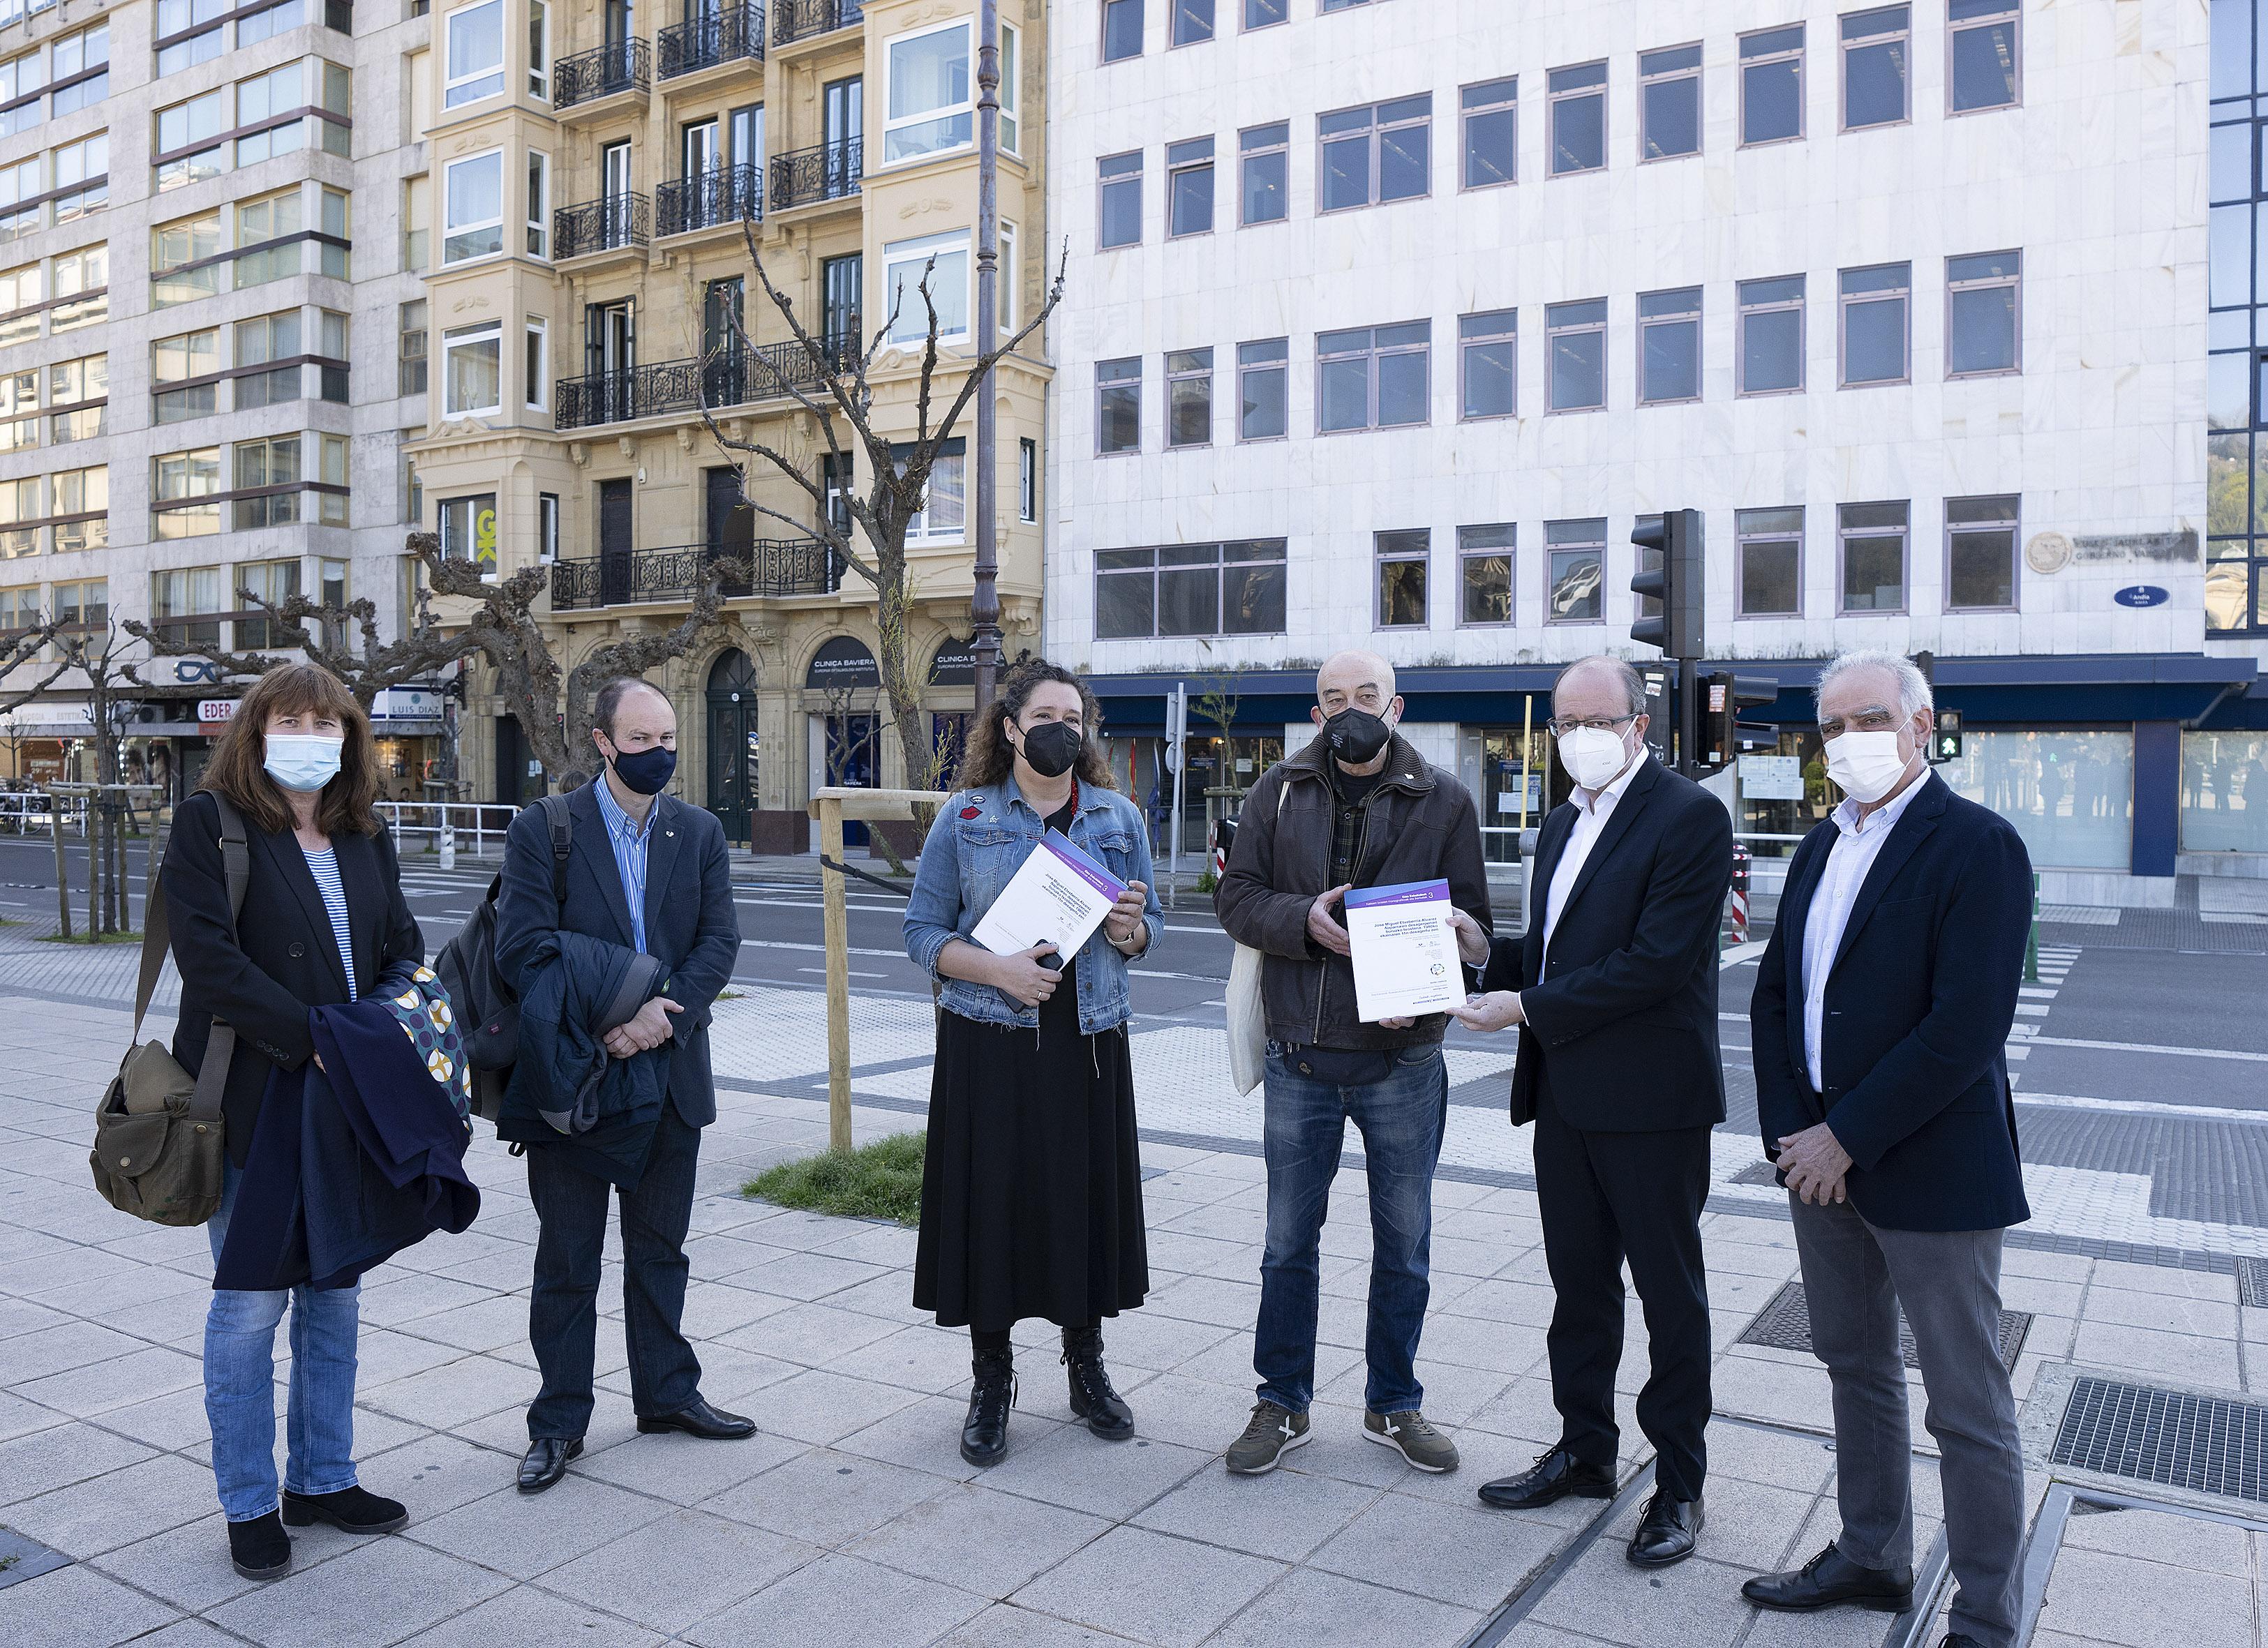 El Gobierno Vasco entrega un informe sobre el estado actualizado del 'Caso Naparra' elaborado por la Cátedra de DDHH de la UPV/EHU a su familia  [51:58]